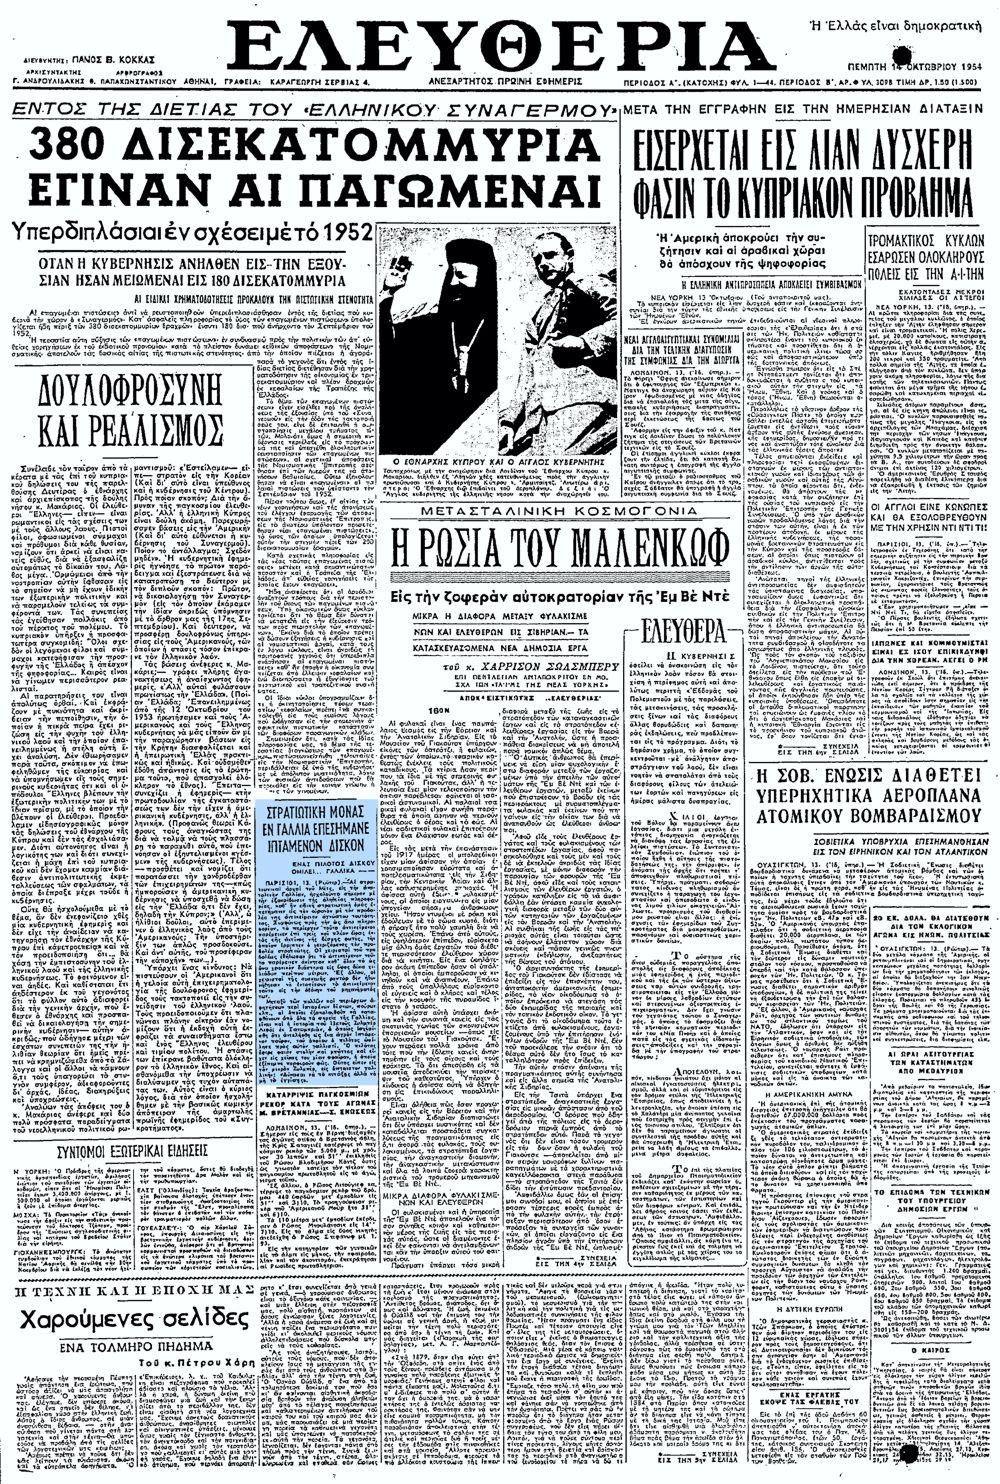 """Το άρθρο, όπως δημοσιεύθηκε στην εφημερίδα """"ΕΛΕΥΘΕΡΙΑ"""", στις 14/10/1954"""